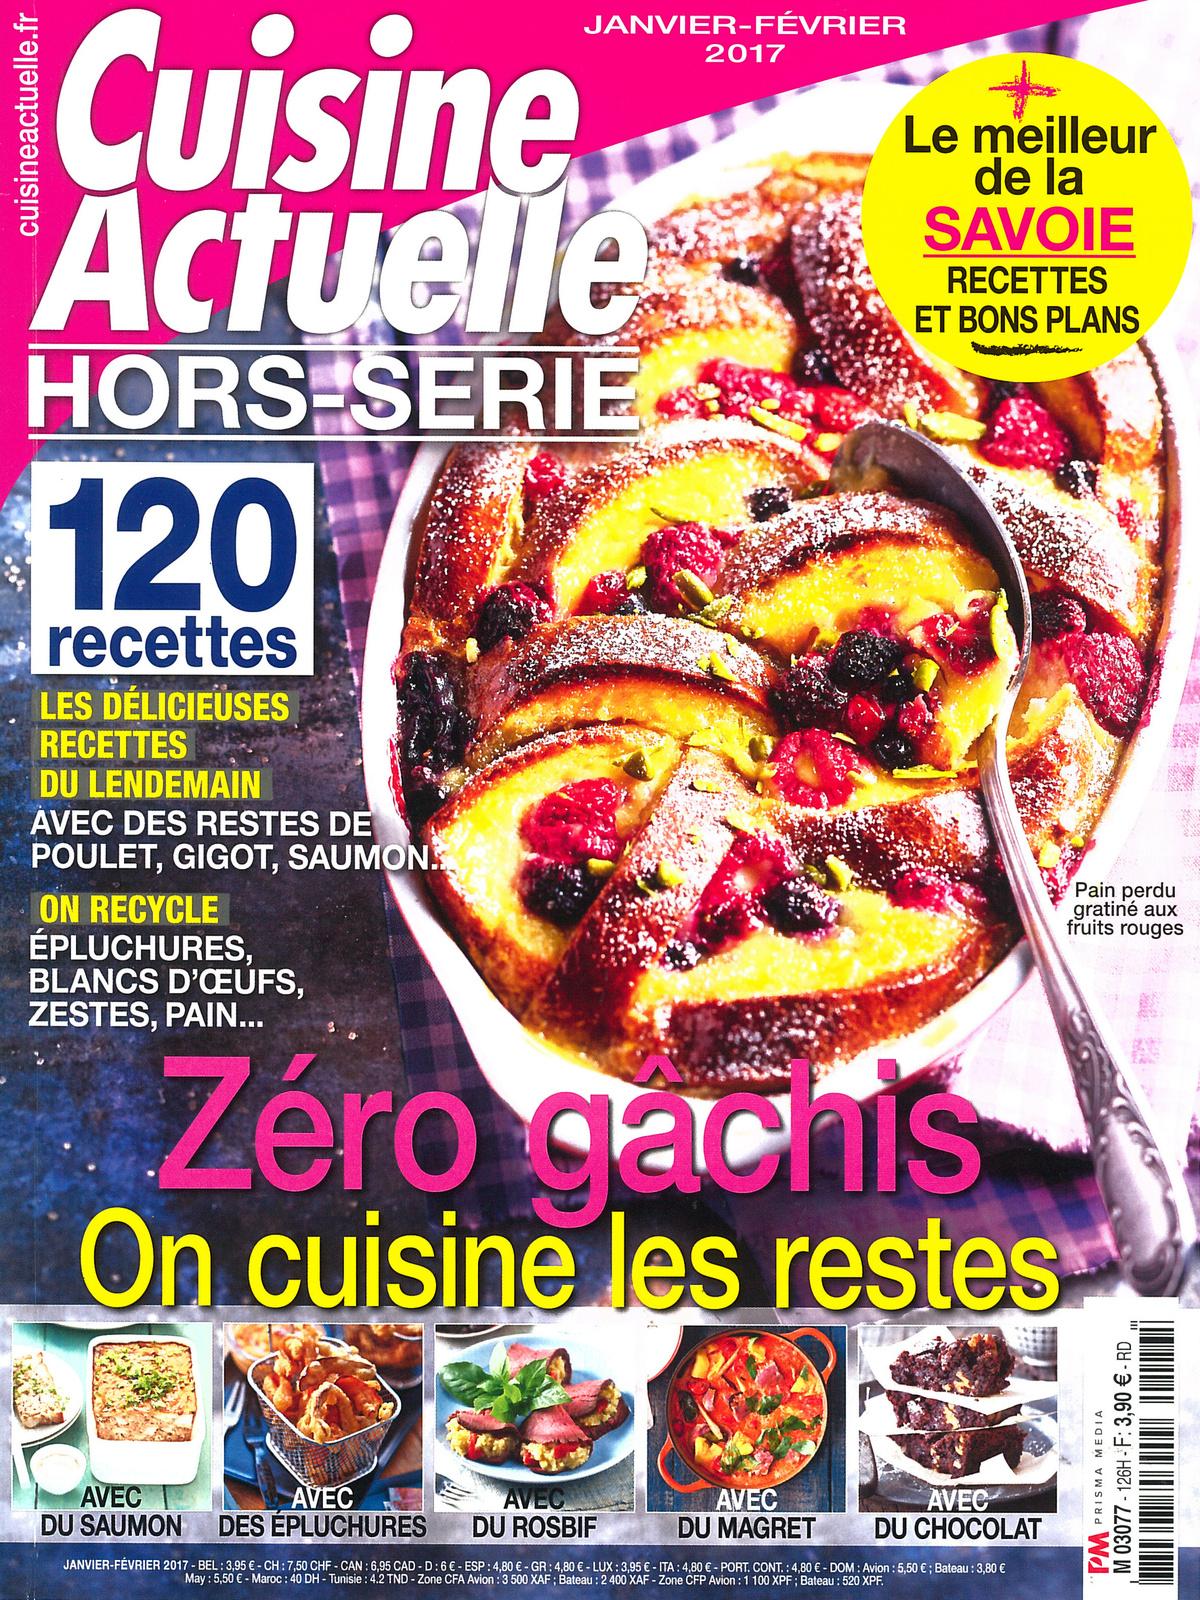 Rien ne se perd : des oeufs, de multiples recettes dans le magazine Cuisine Actuelle !